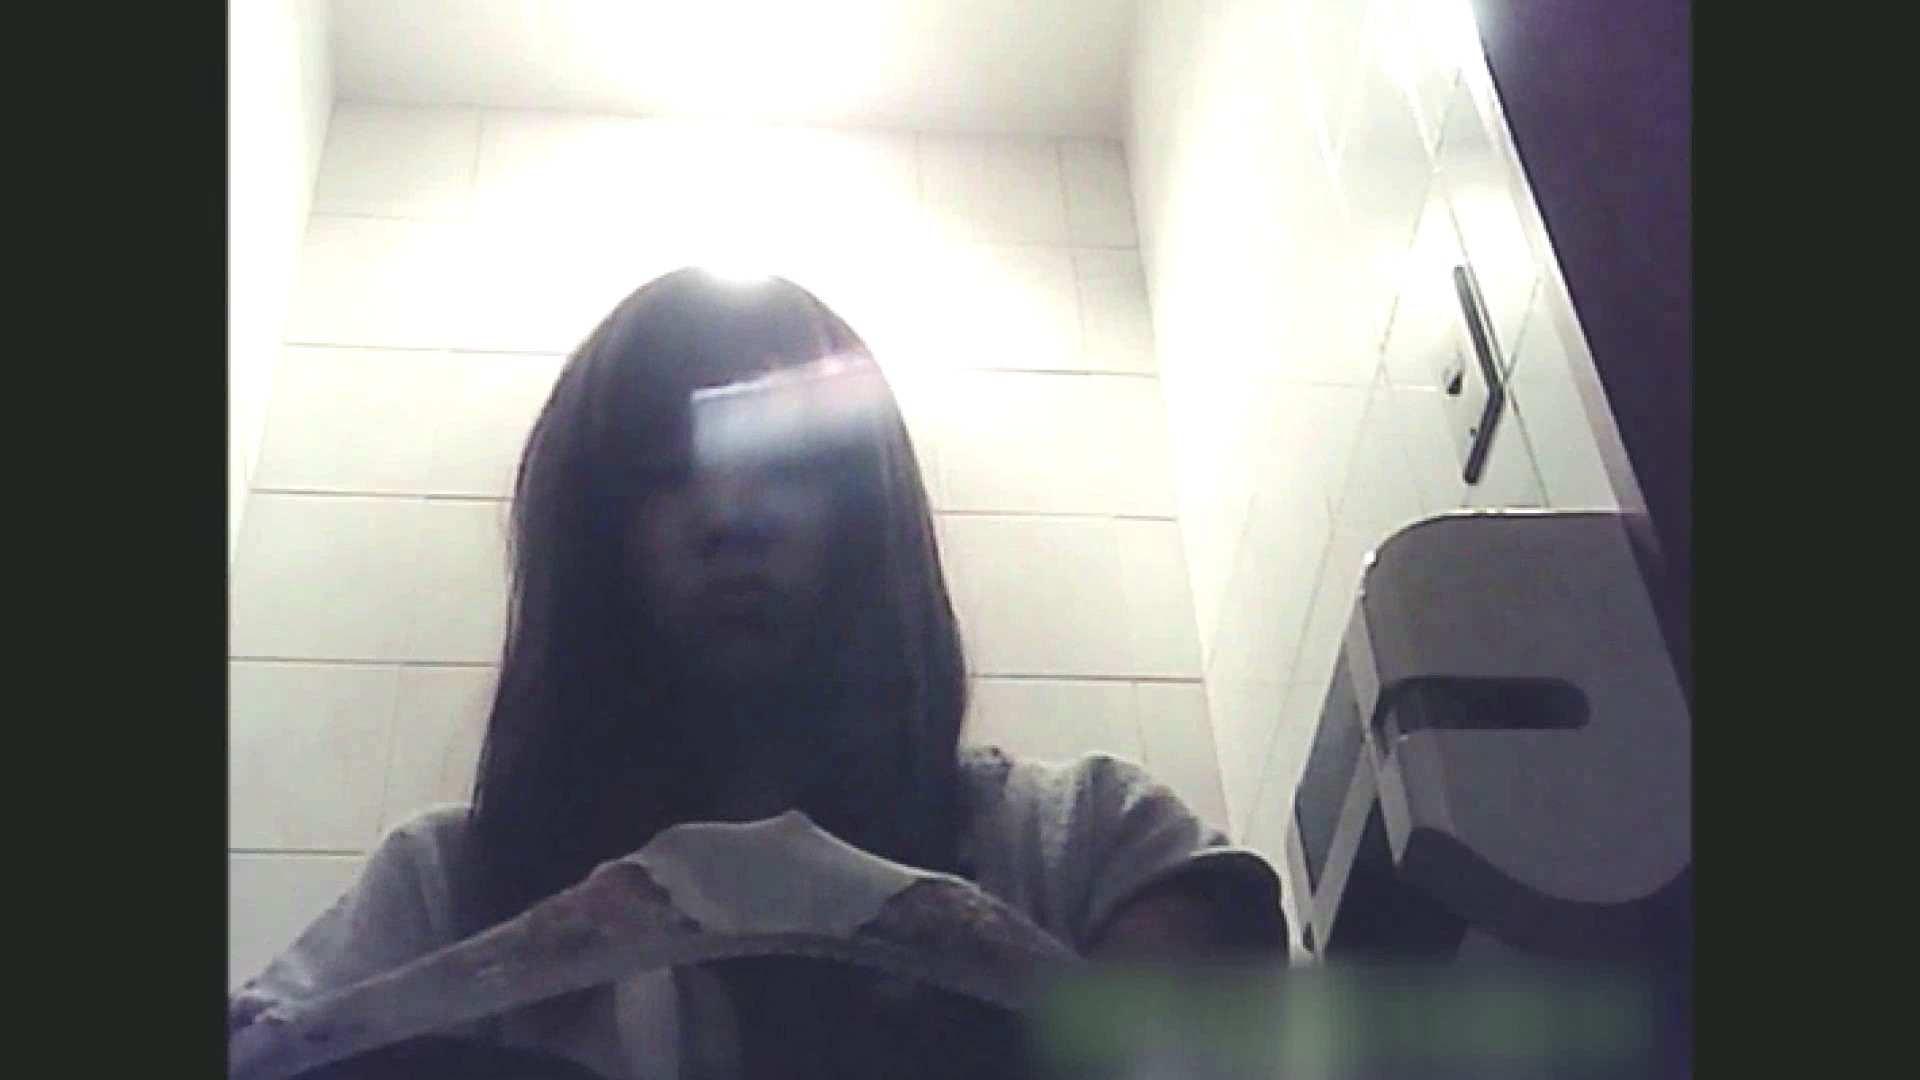 実録!!綺麗なお姉さんのトイレ事情・・・。vol.1 OL女体 スケベ動画紹介 72連発 62